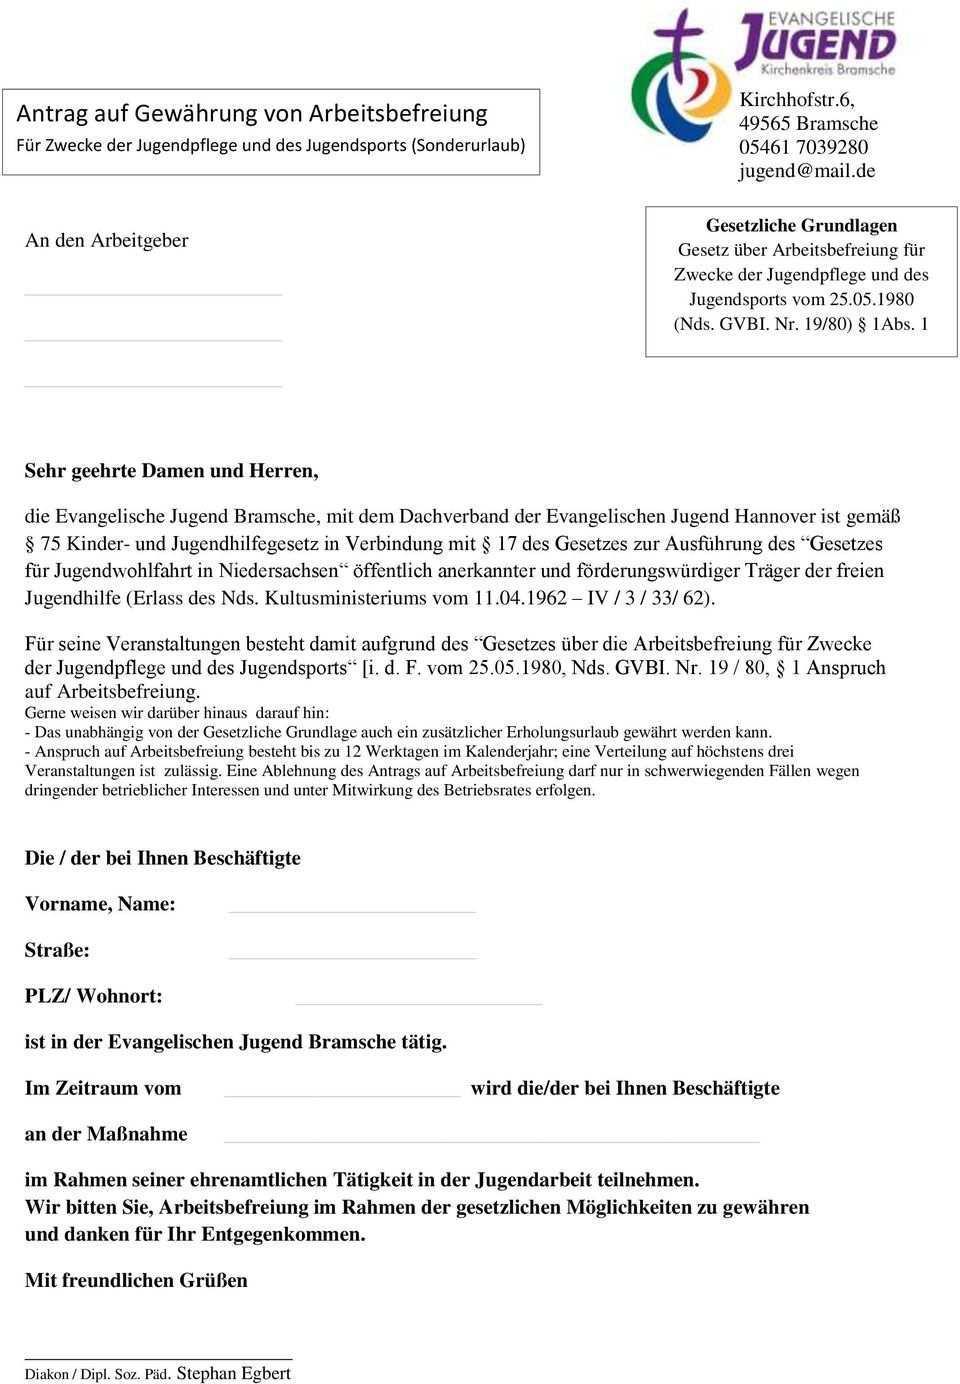 Informationen Zur Beantragung Von Sonderurlaub Und Verdienstausfall Pdf Free Download